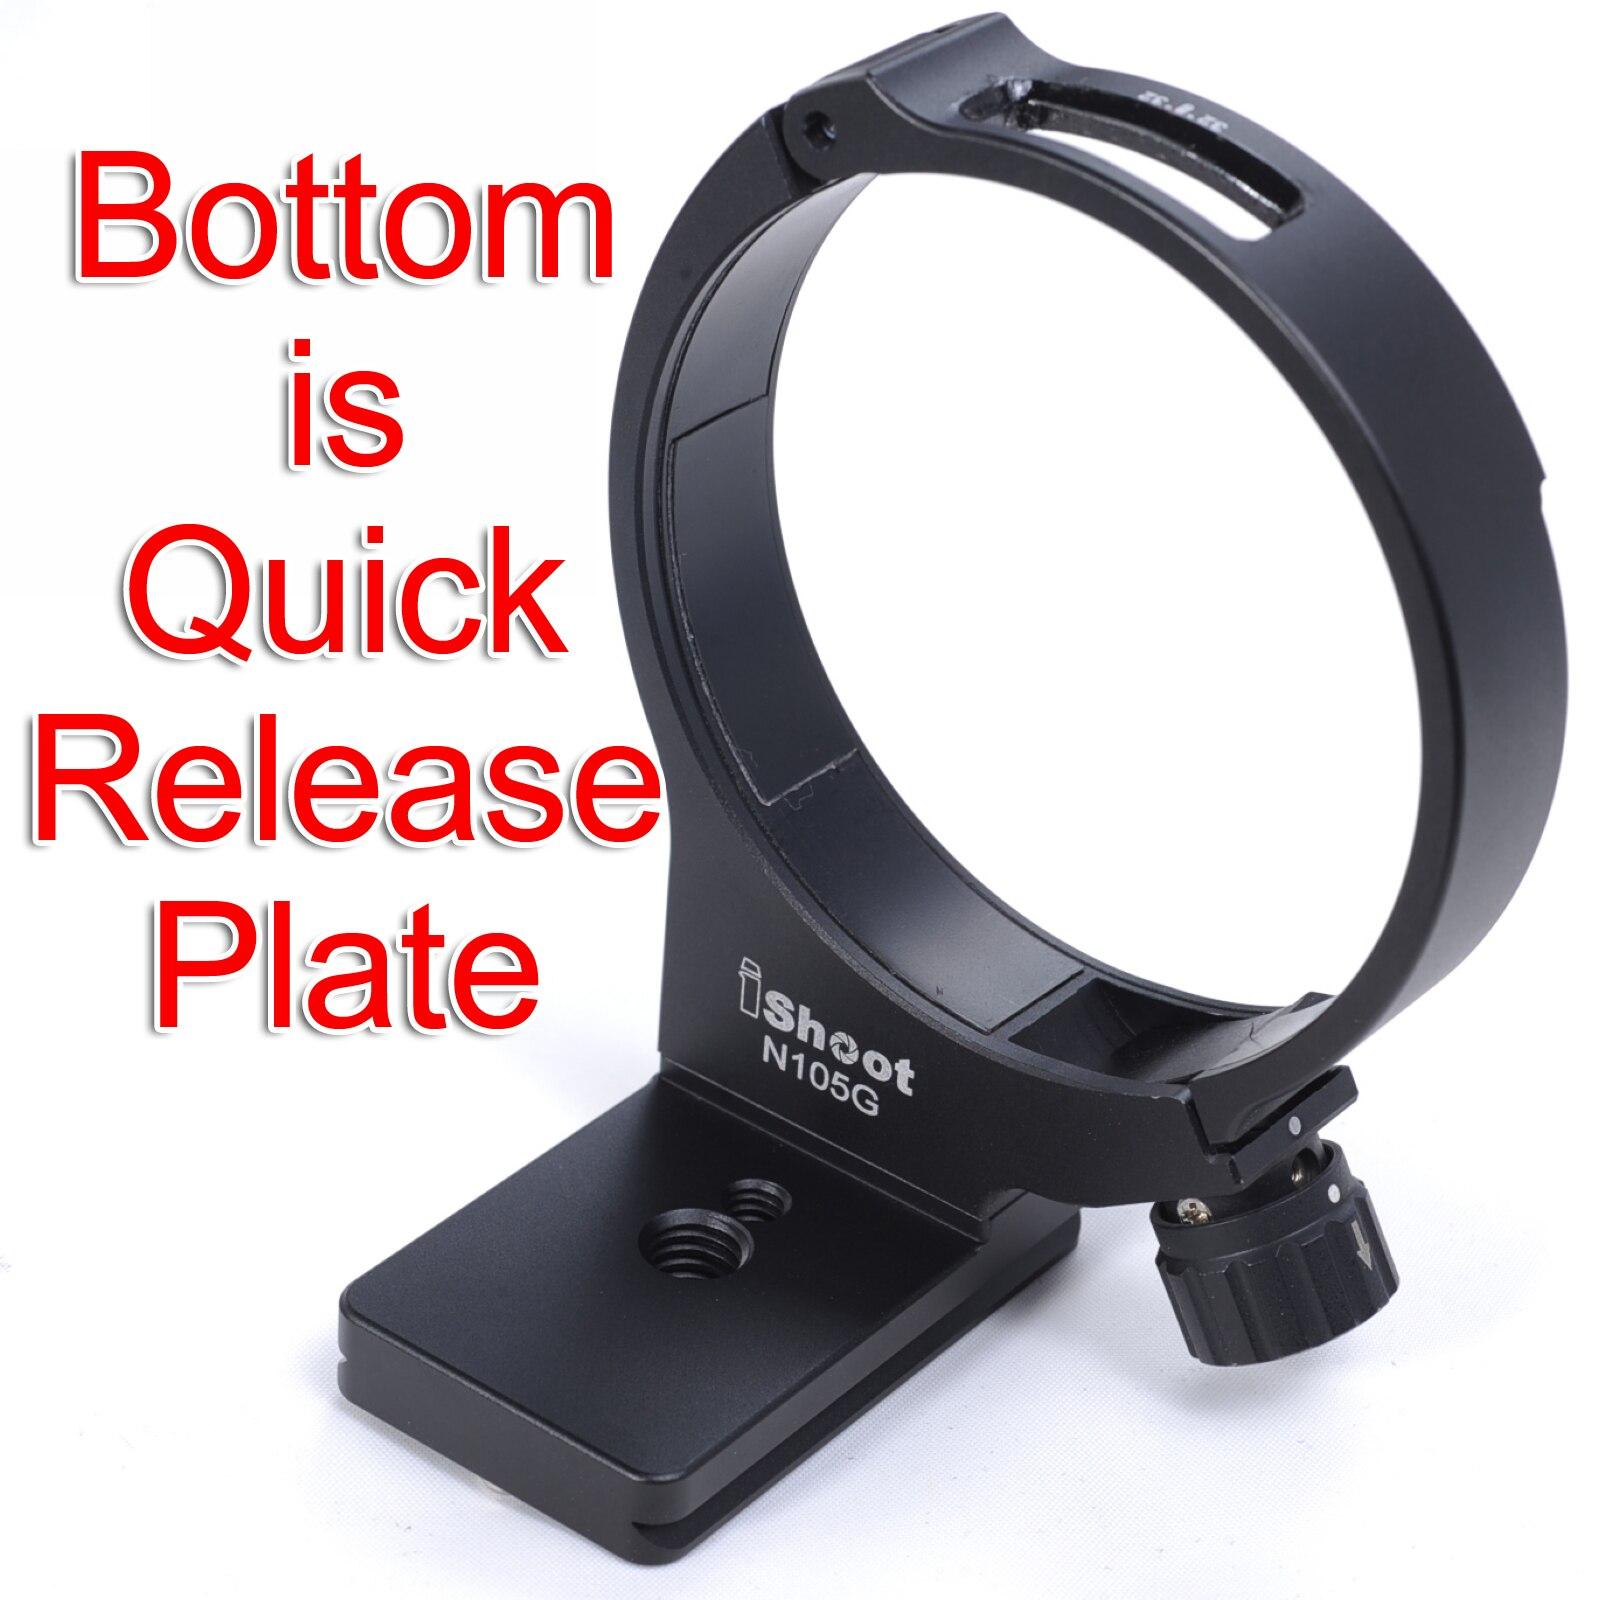 Lens Ondersteuning Kraag Tripod Mount Ring voor Nikon AF S 105mm f/2.8G IF ED VR MICRO Macro Lens  bodem is Camera Quick Release Plaat-in Accessoires voor fotostudio's van Consumentenelektronica op  Groep 1